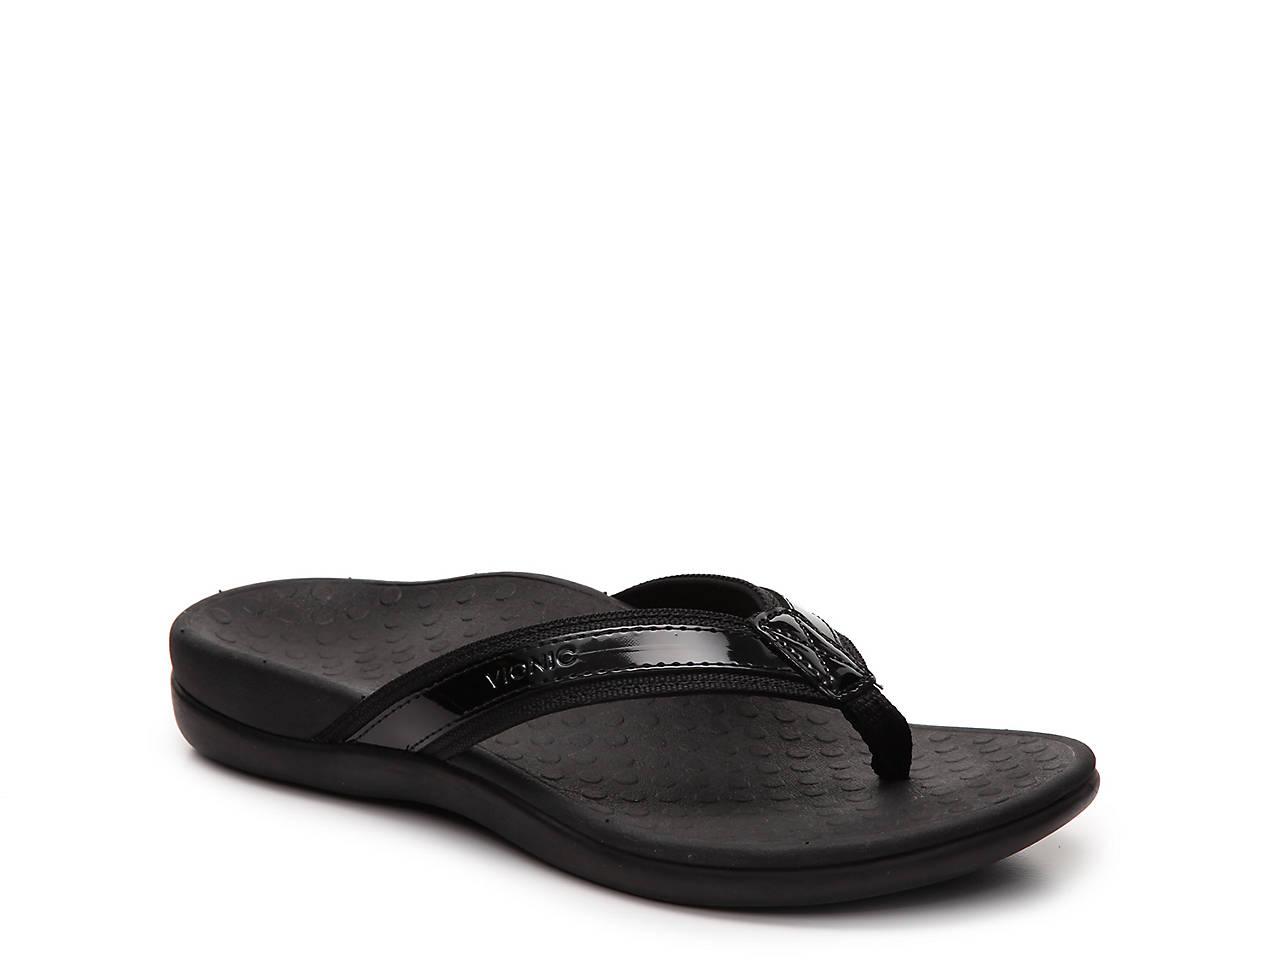 Vionic Tide Ii Flip Flop Womens Shoes  Dsw-3839